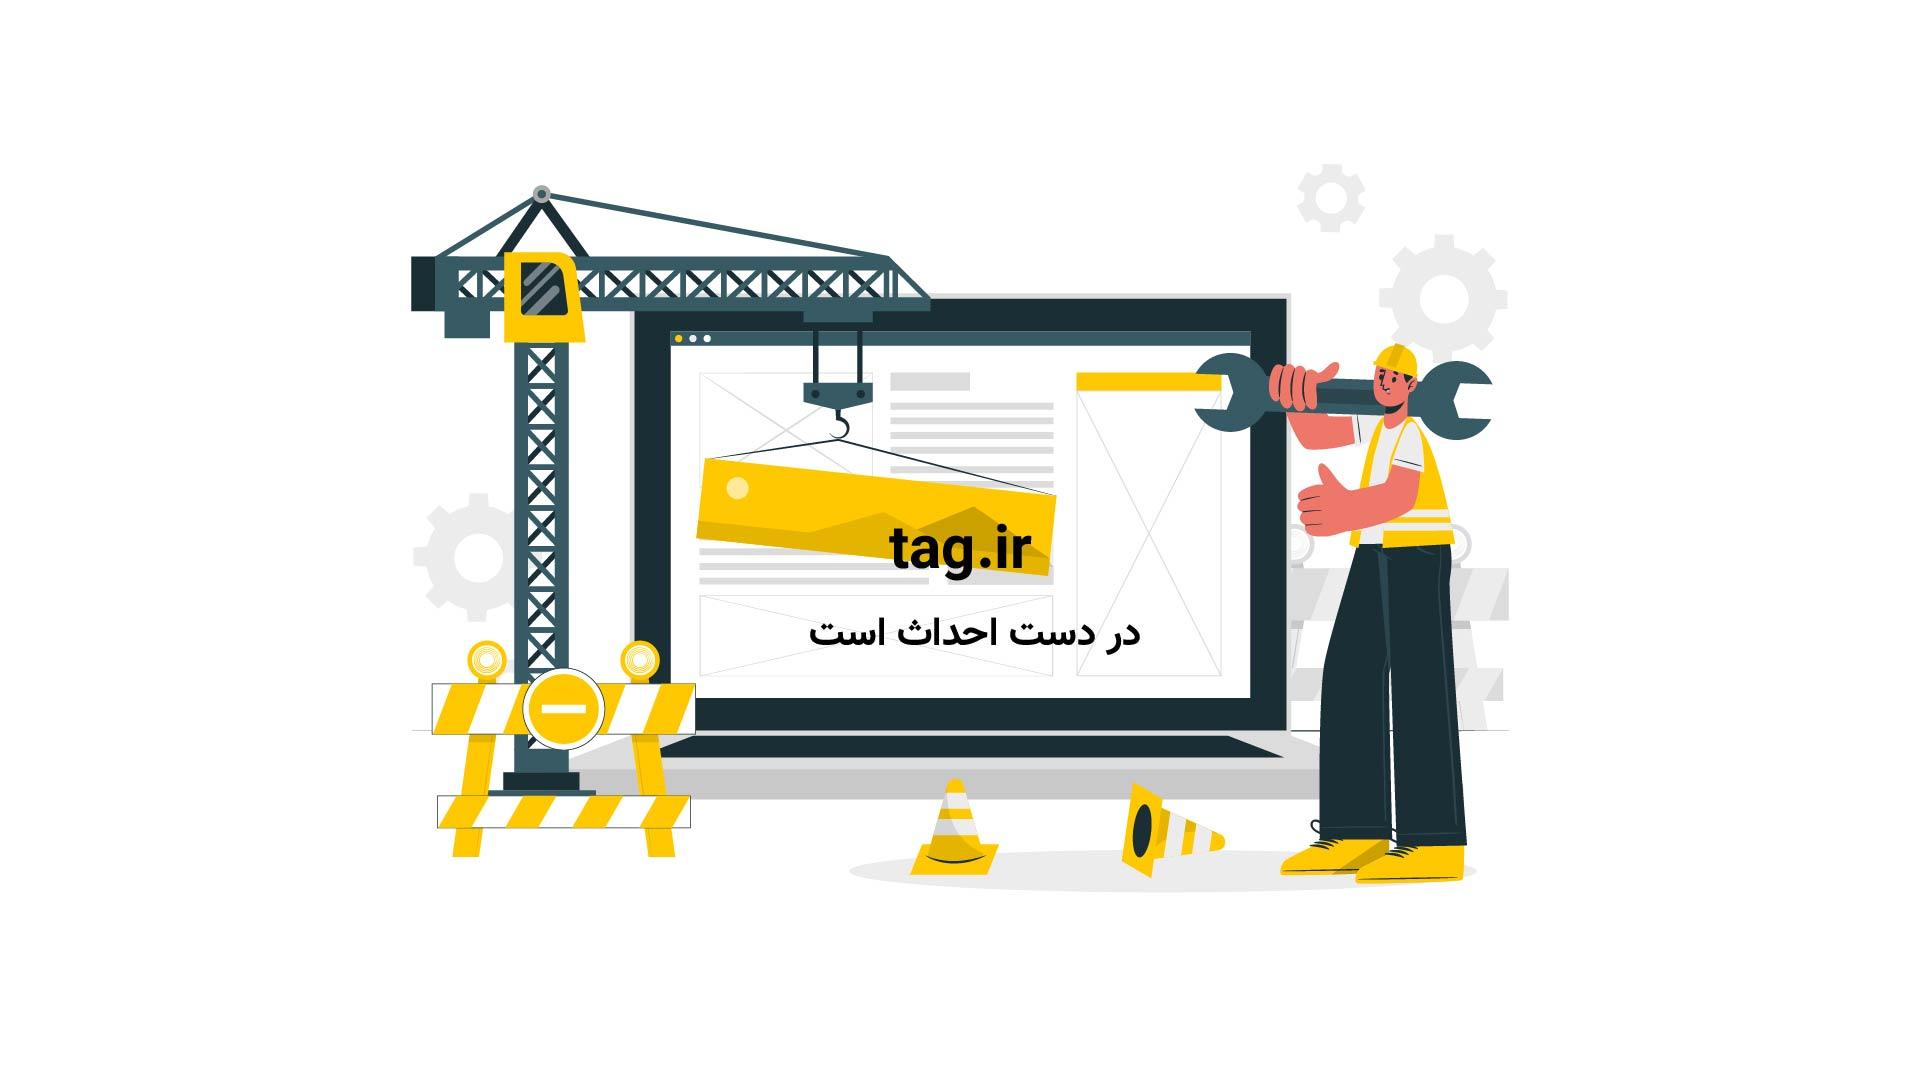 ساعت رسمی کشور، امشب یک ساعت عقب کشیده میشود | فیلم